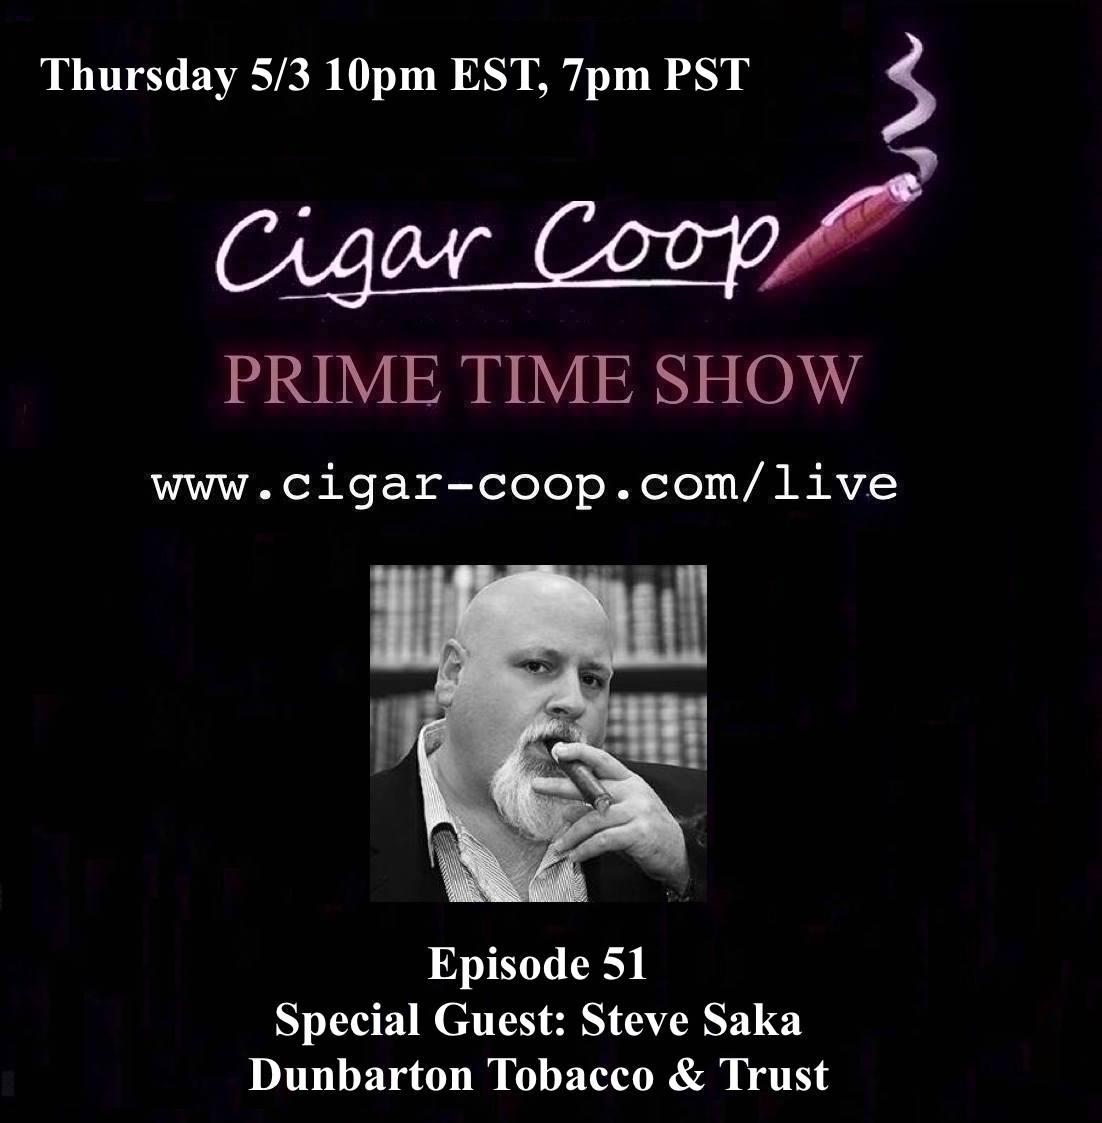 Announcement: Prime Time Show Episode 51 – Steve Saka 5/3 10pm EST, 7pm PST